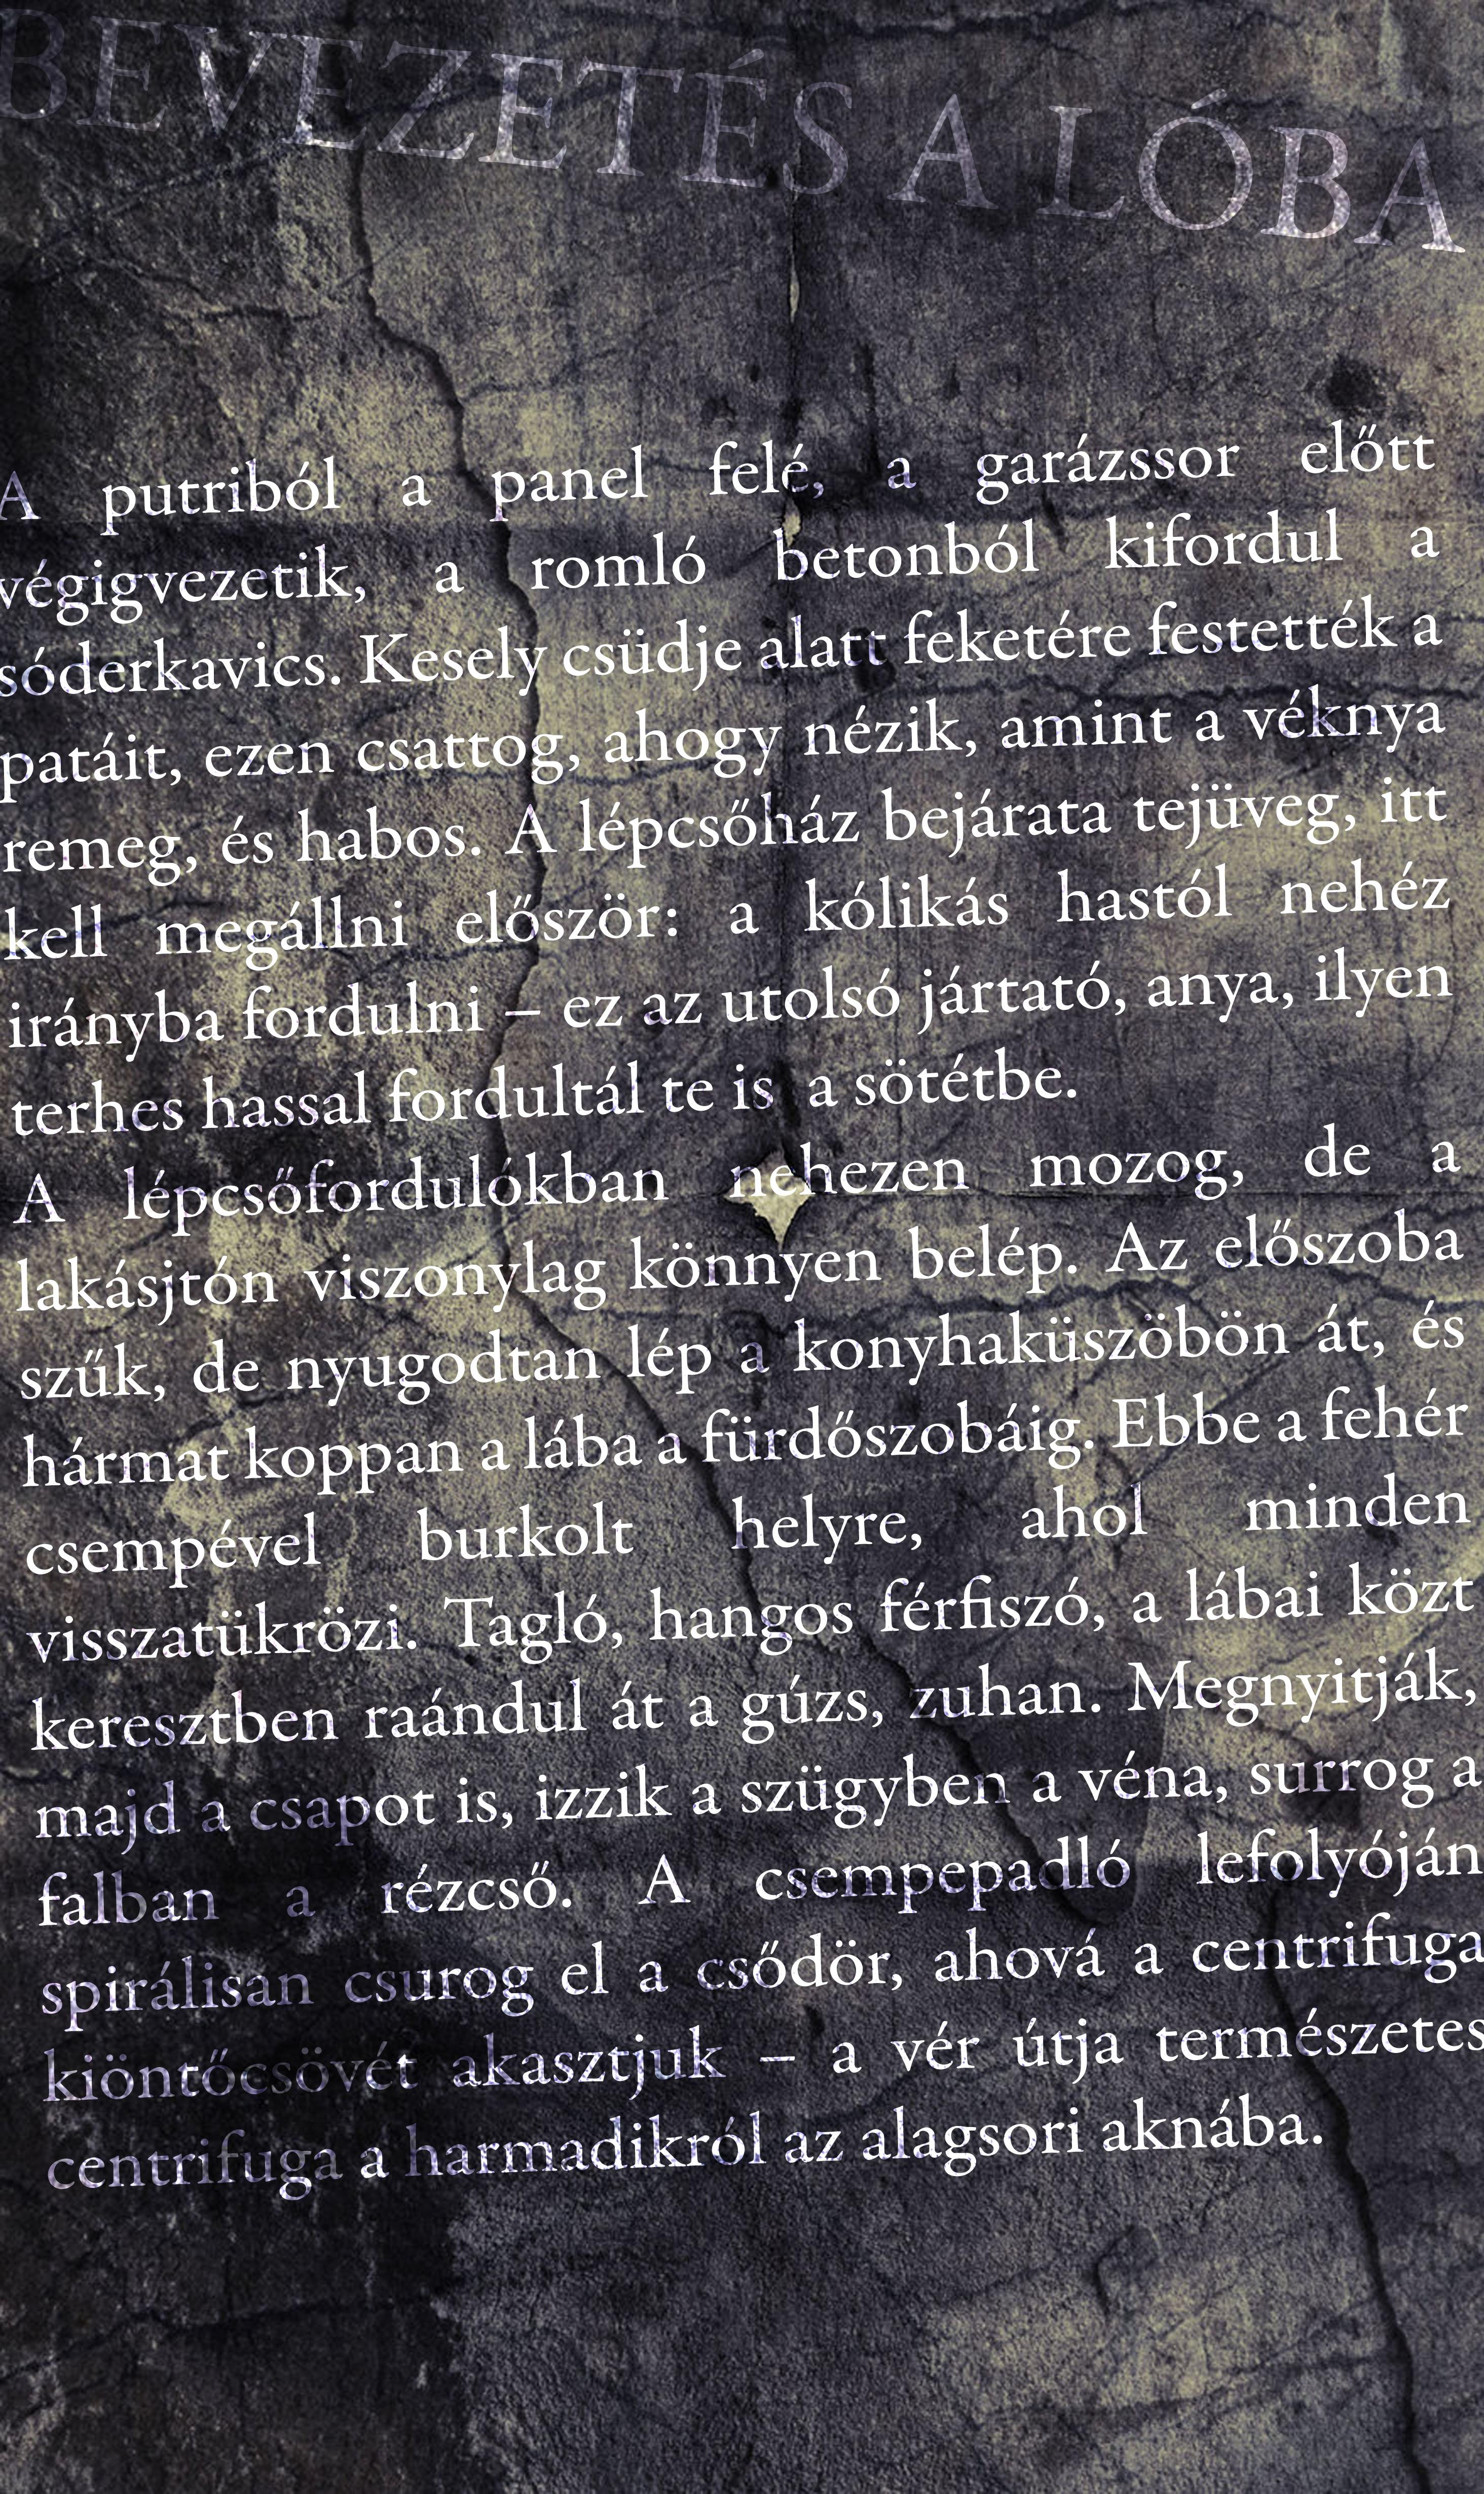 Kele Fodor Ákos: Bevezetes a lóba (vizuális költemény)